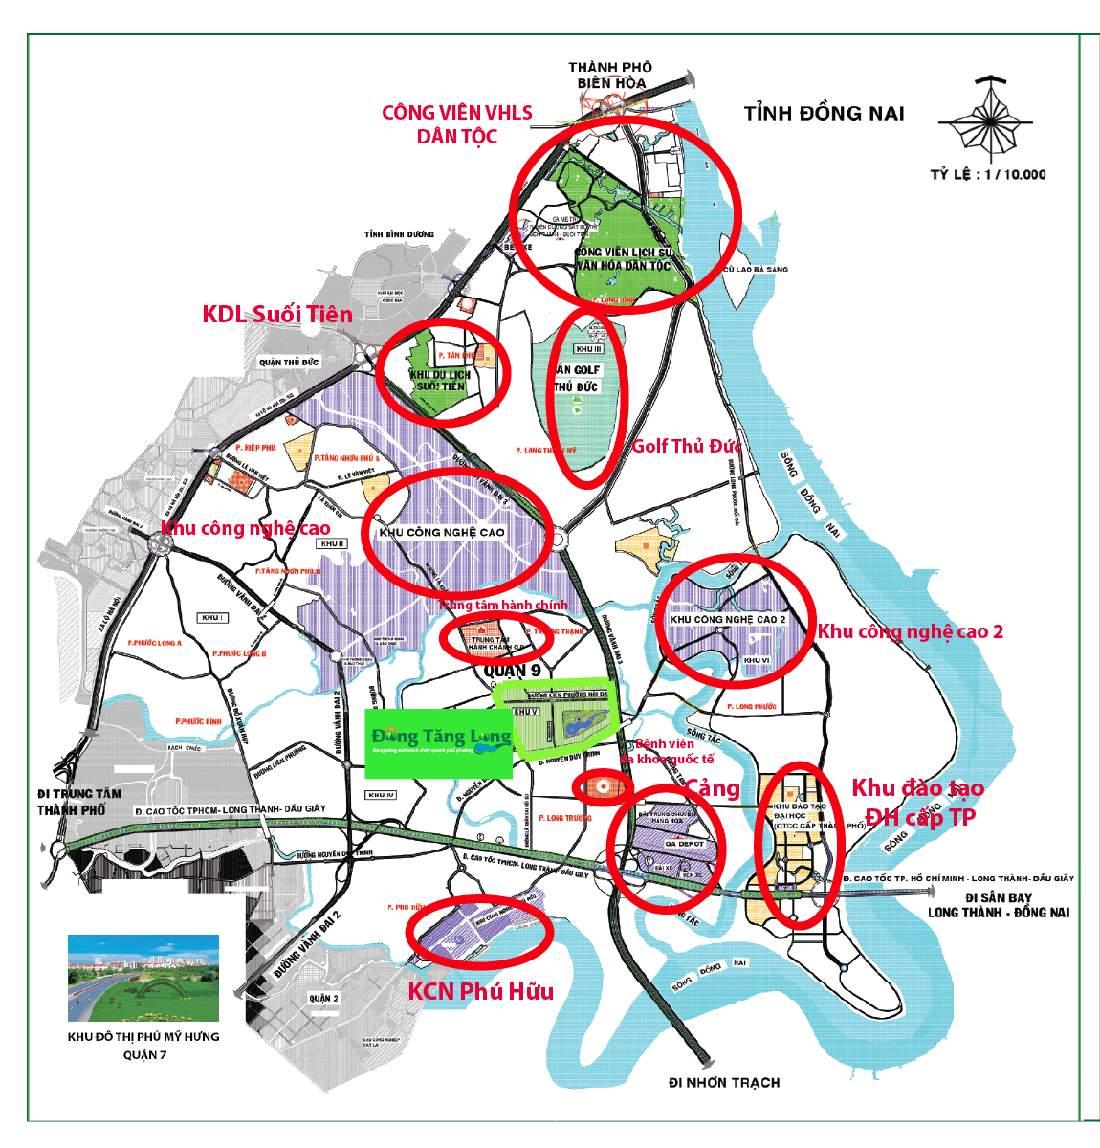 Vị trí các dự án khu vực quận 9